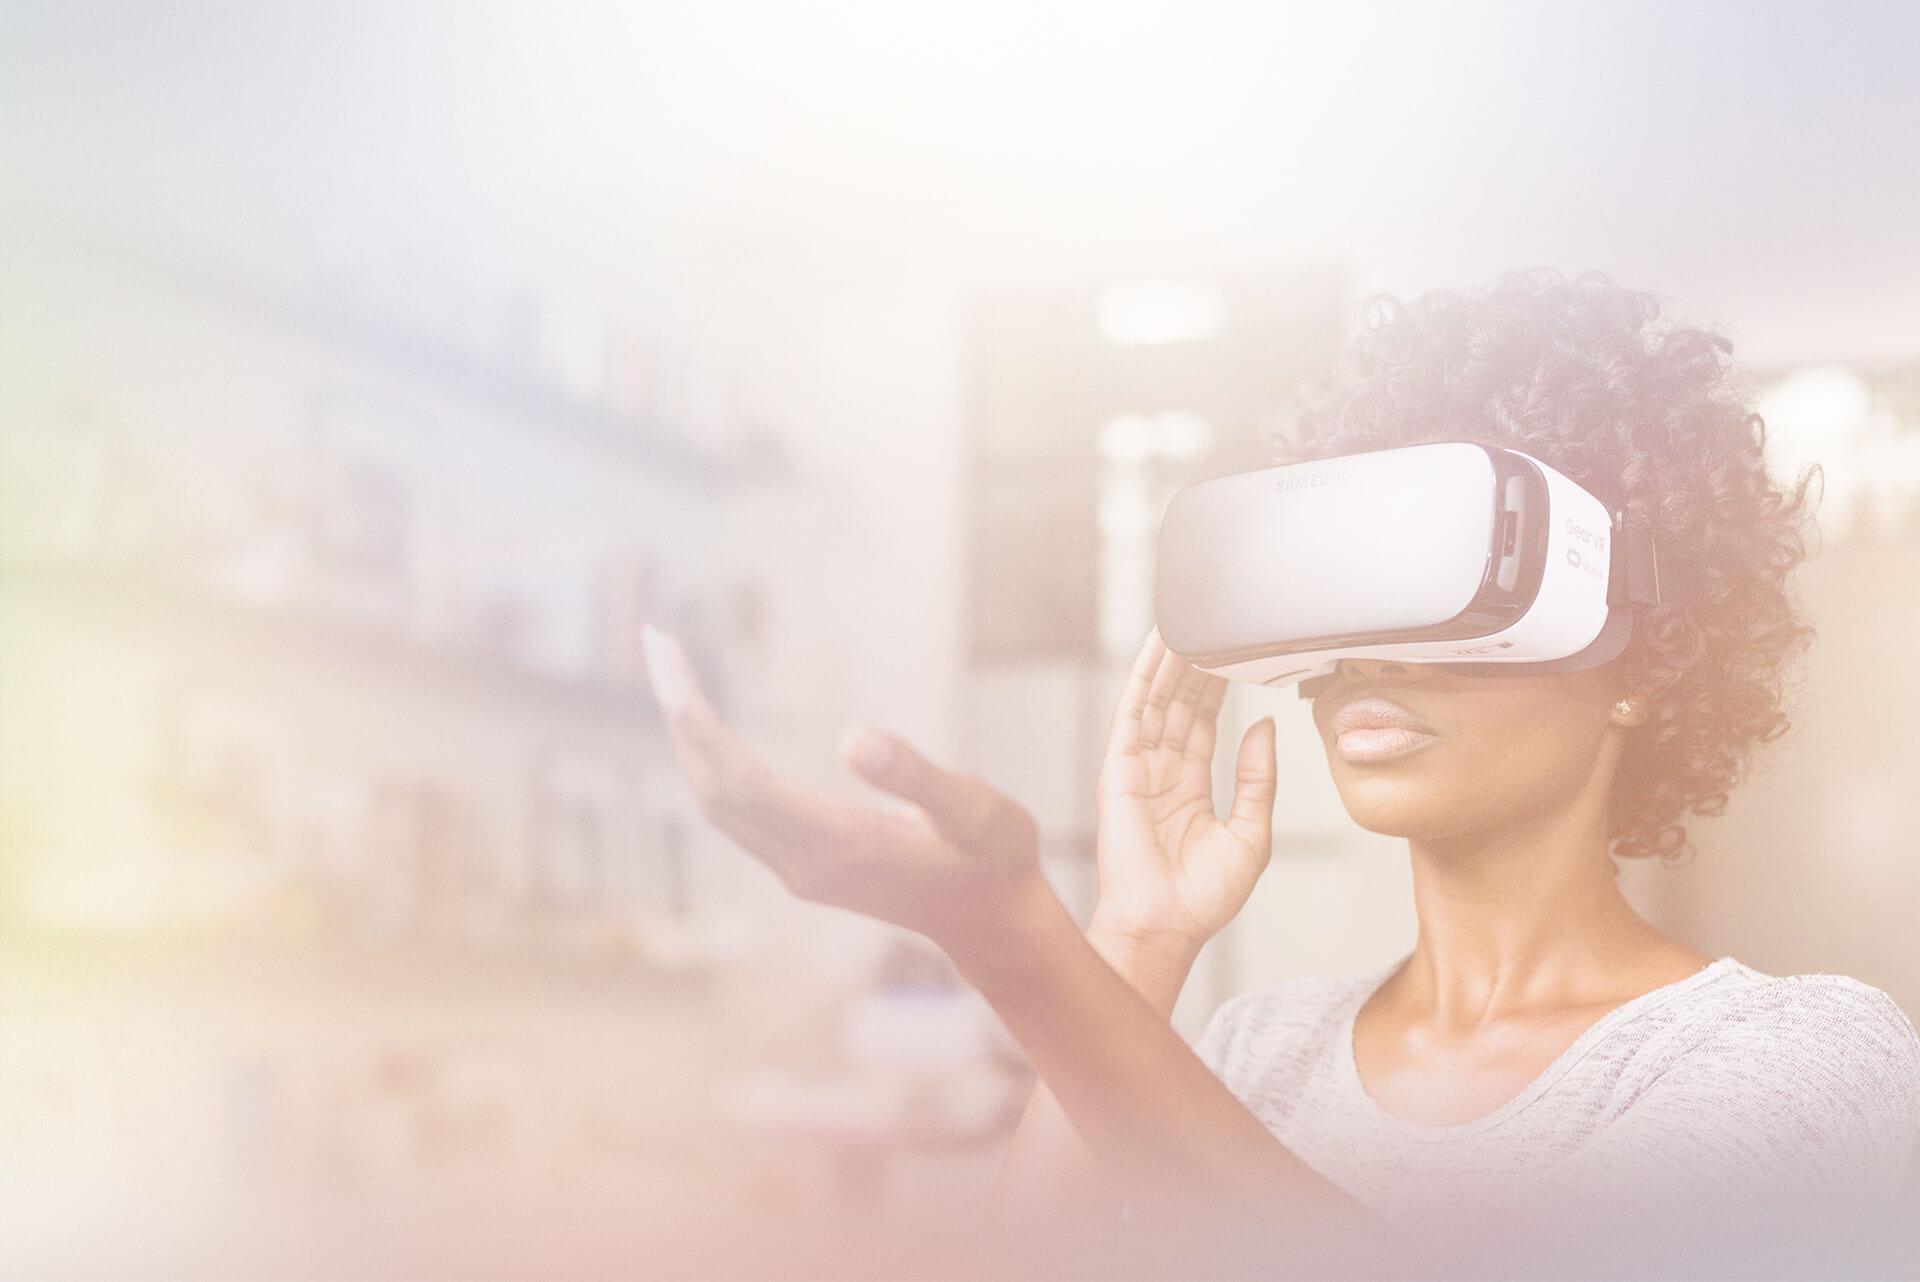 Aplicaciones Realidad Aumentada y Realidad Virtual